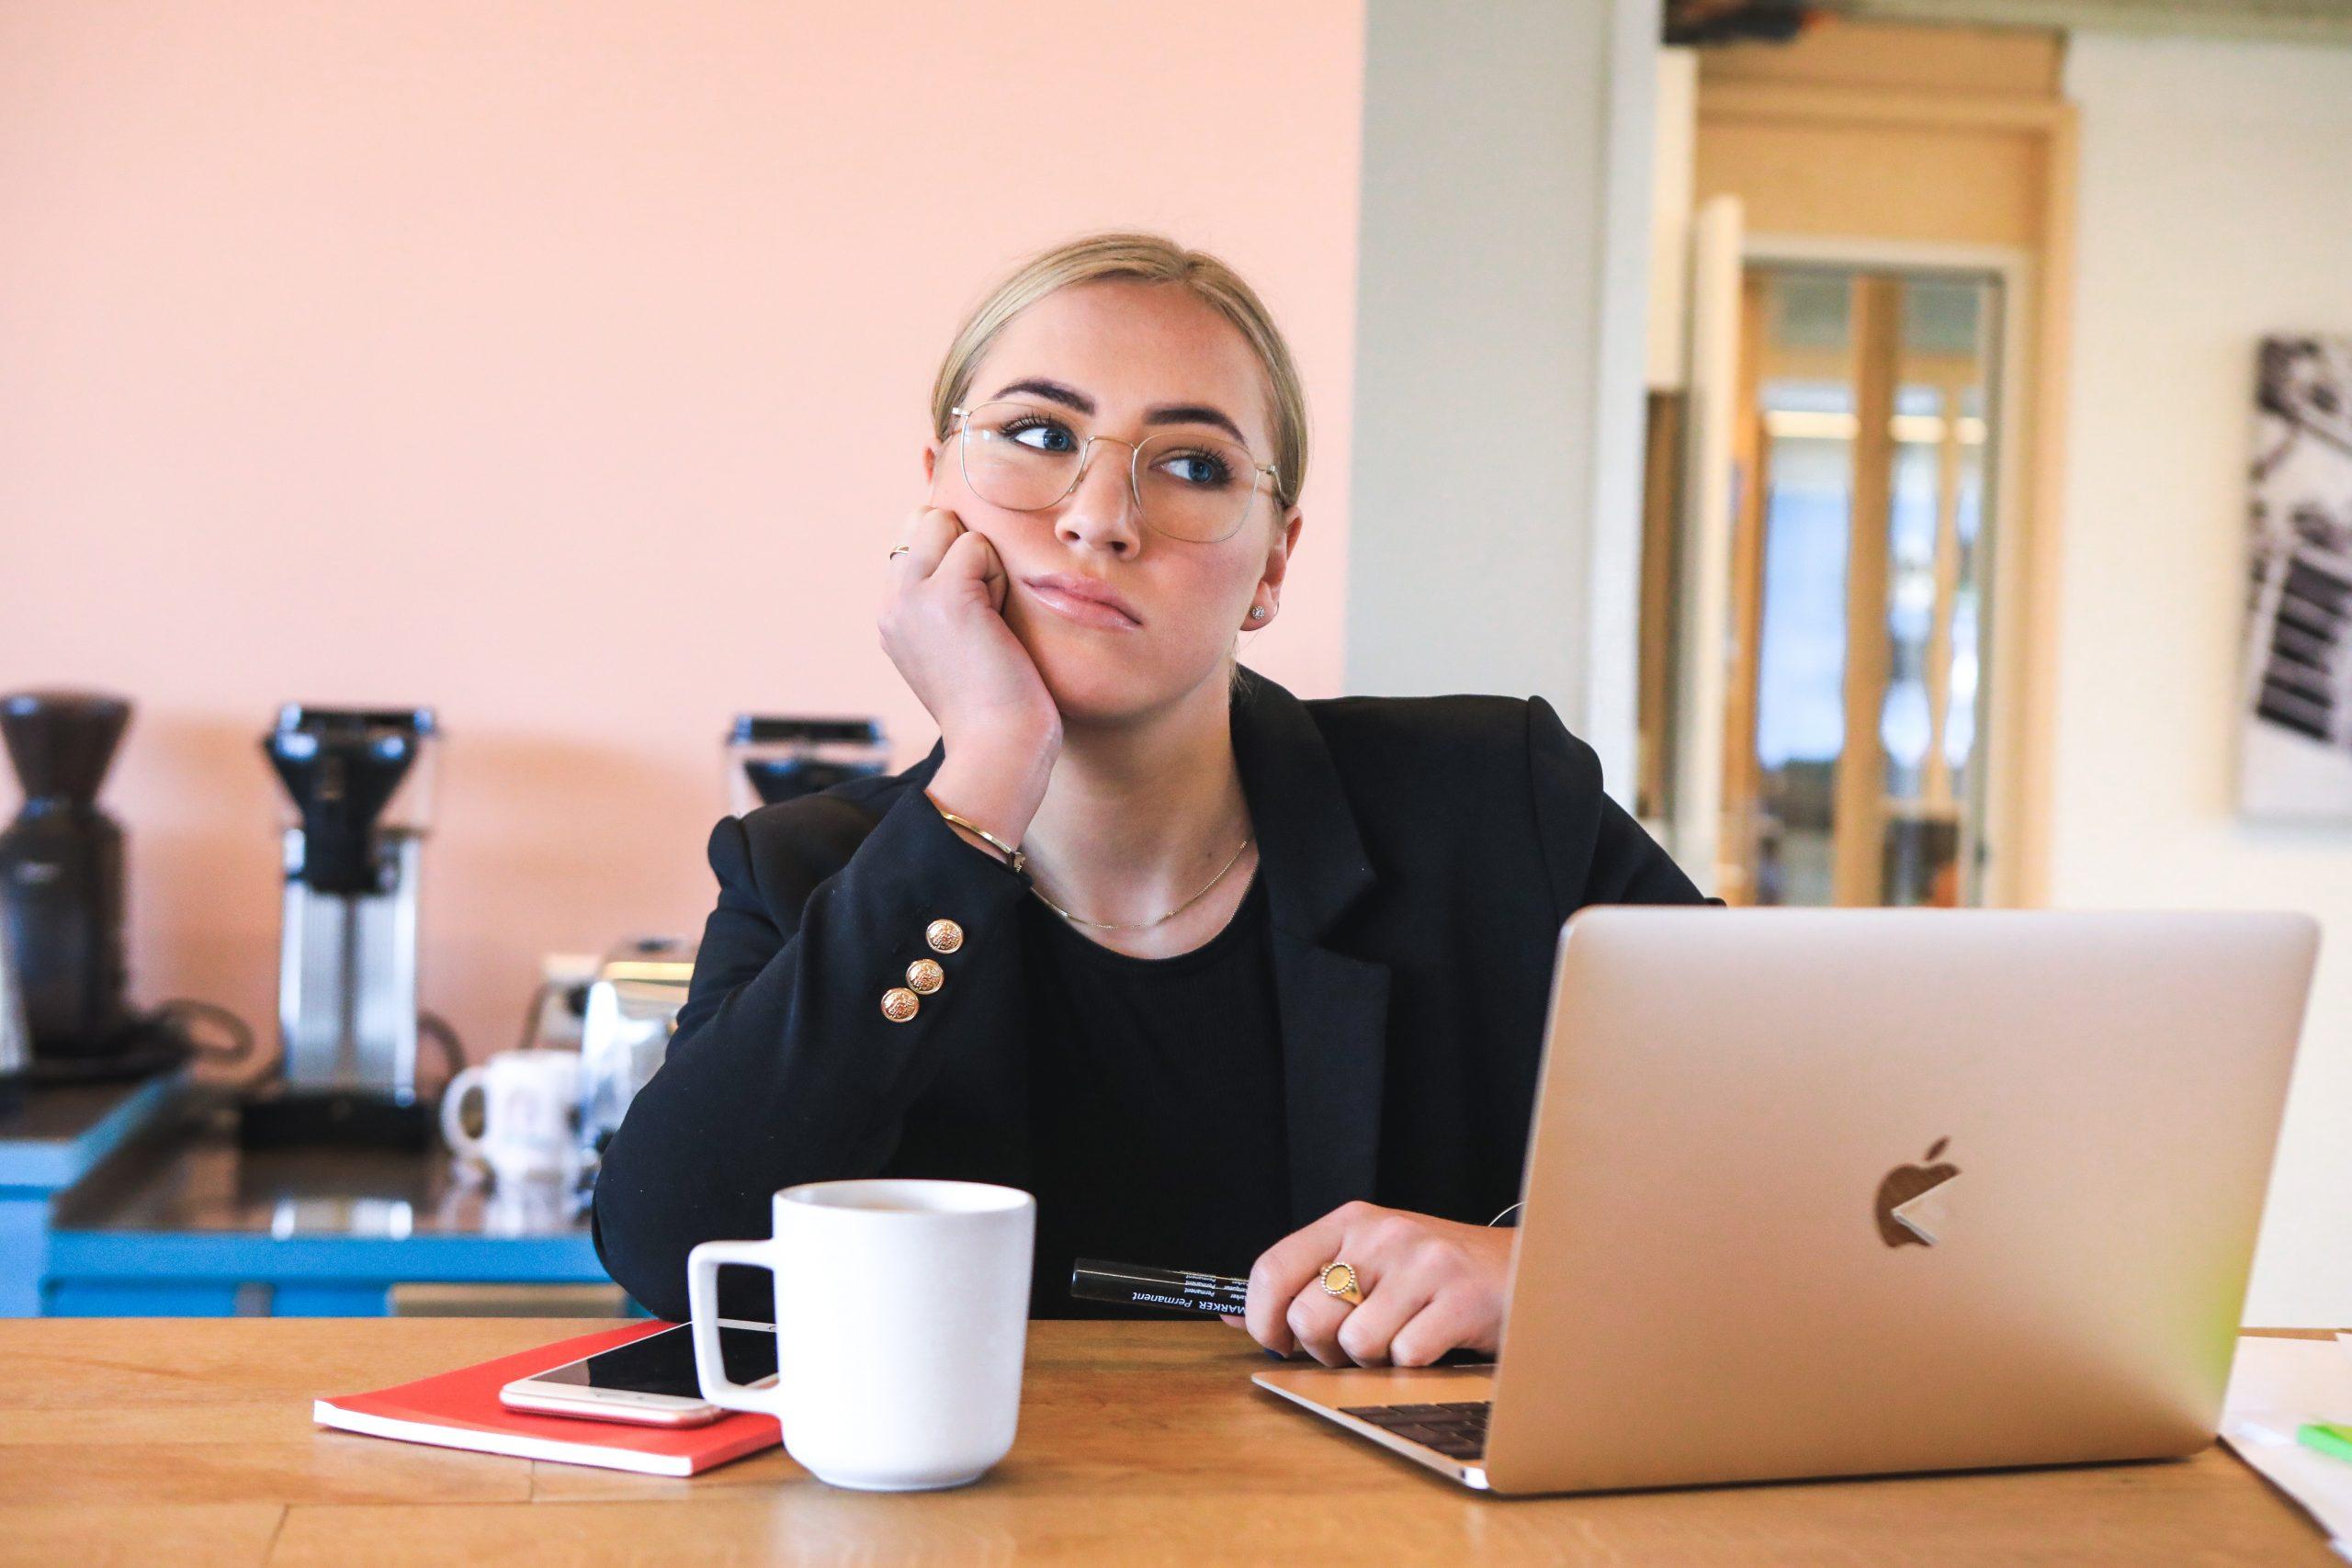 Verhalten Sie sich wie in einem realen Meeting. Vermeiden Sie unflätige Gesten und Mimik. Abbildung: Magnet.me/unsplash